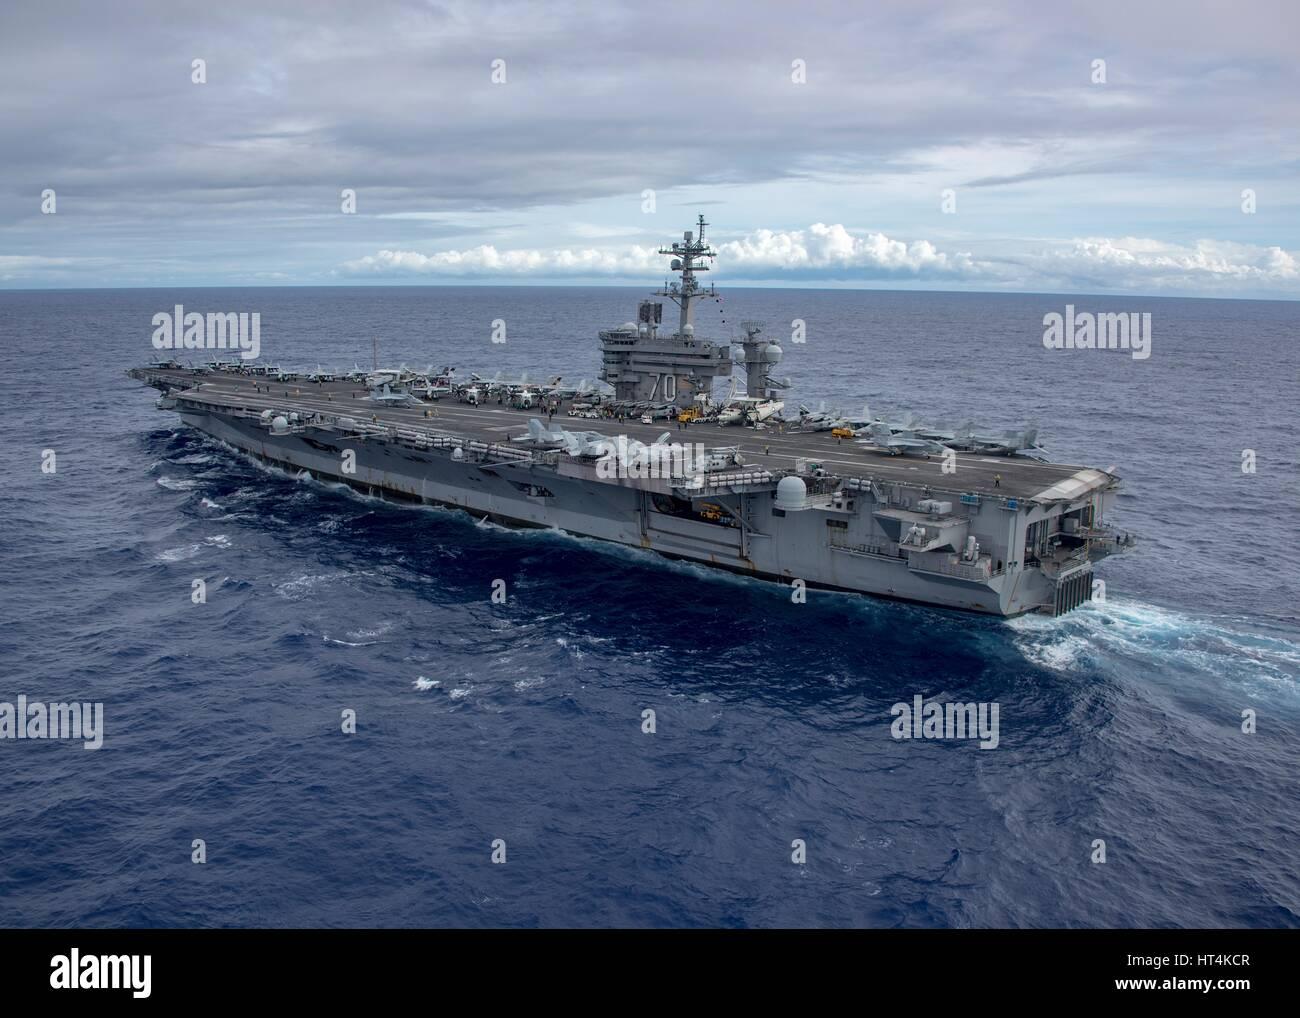 Die USN Nimitz-Klasse-Flugzeugträger USS Carl Vinson dampft im Gange 4. Februar 2017 im Pazifischen Ozean. Stockbild